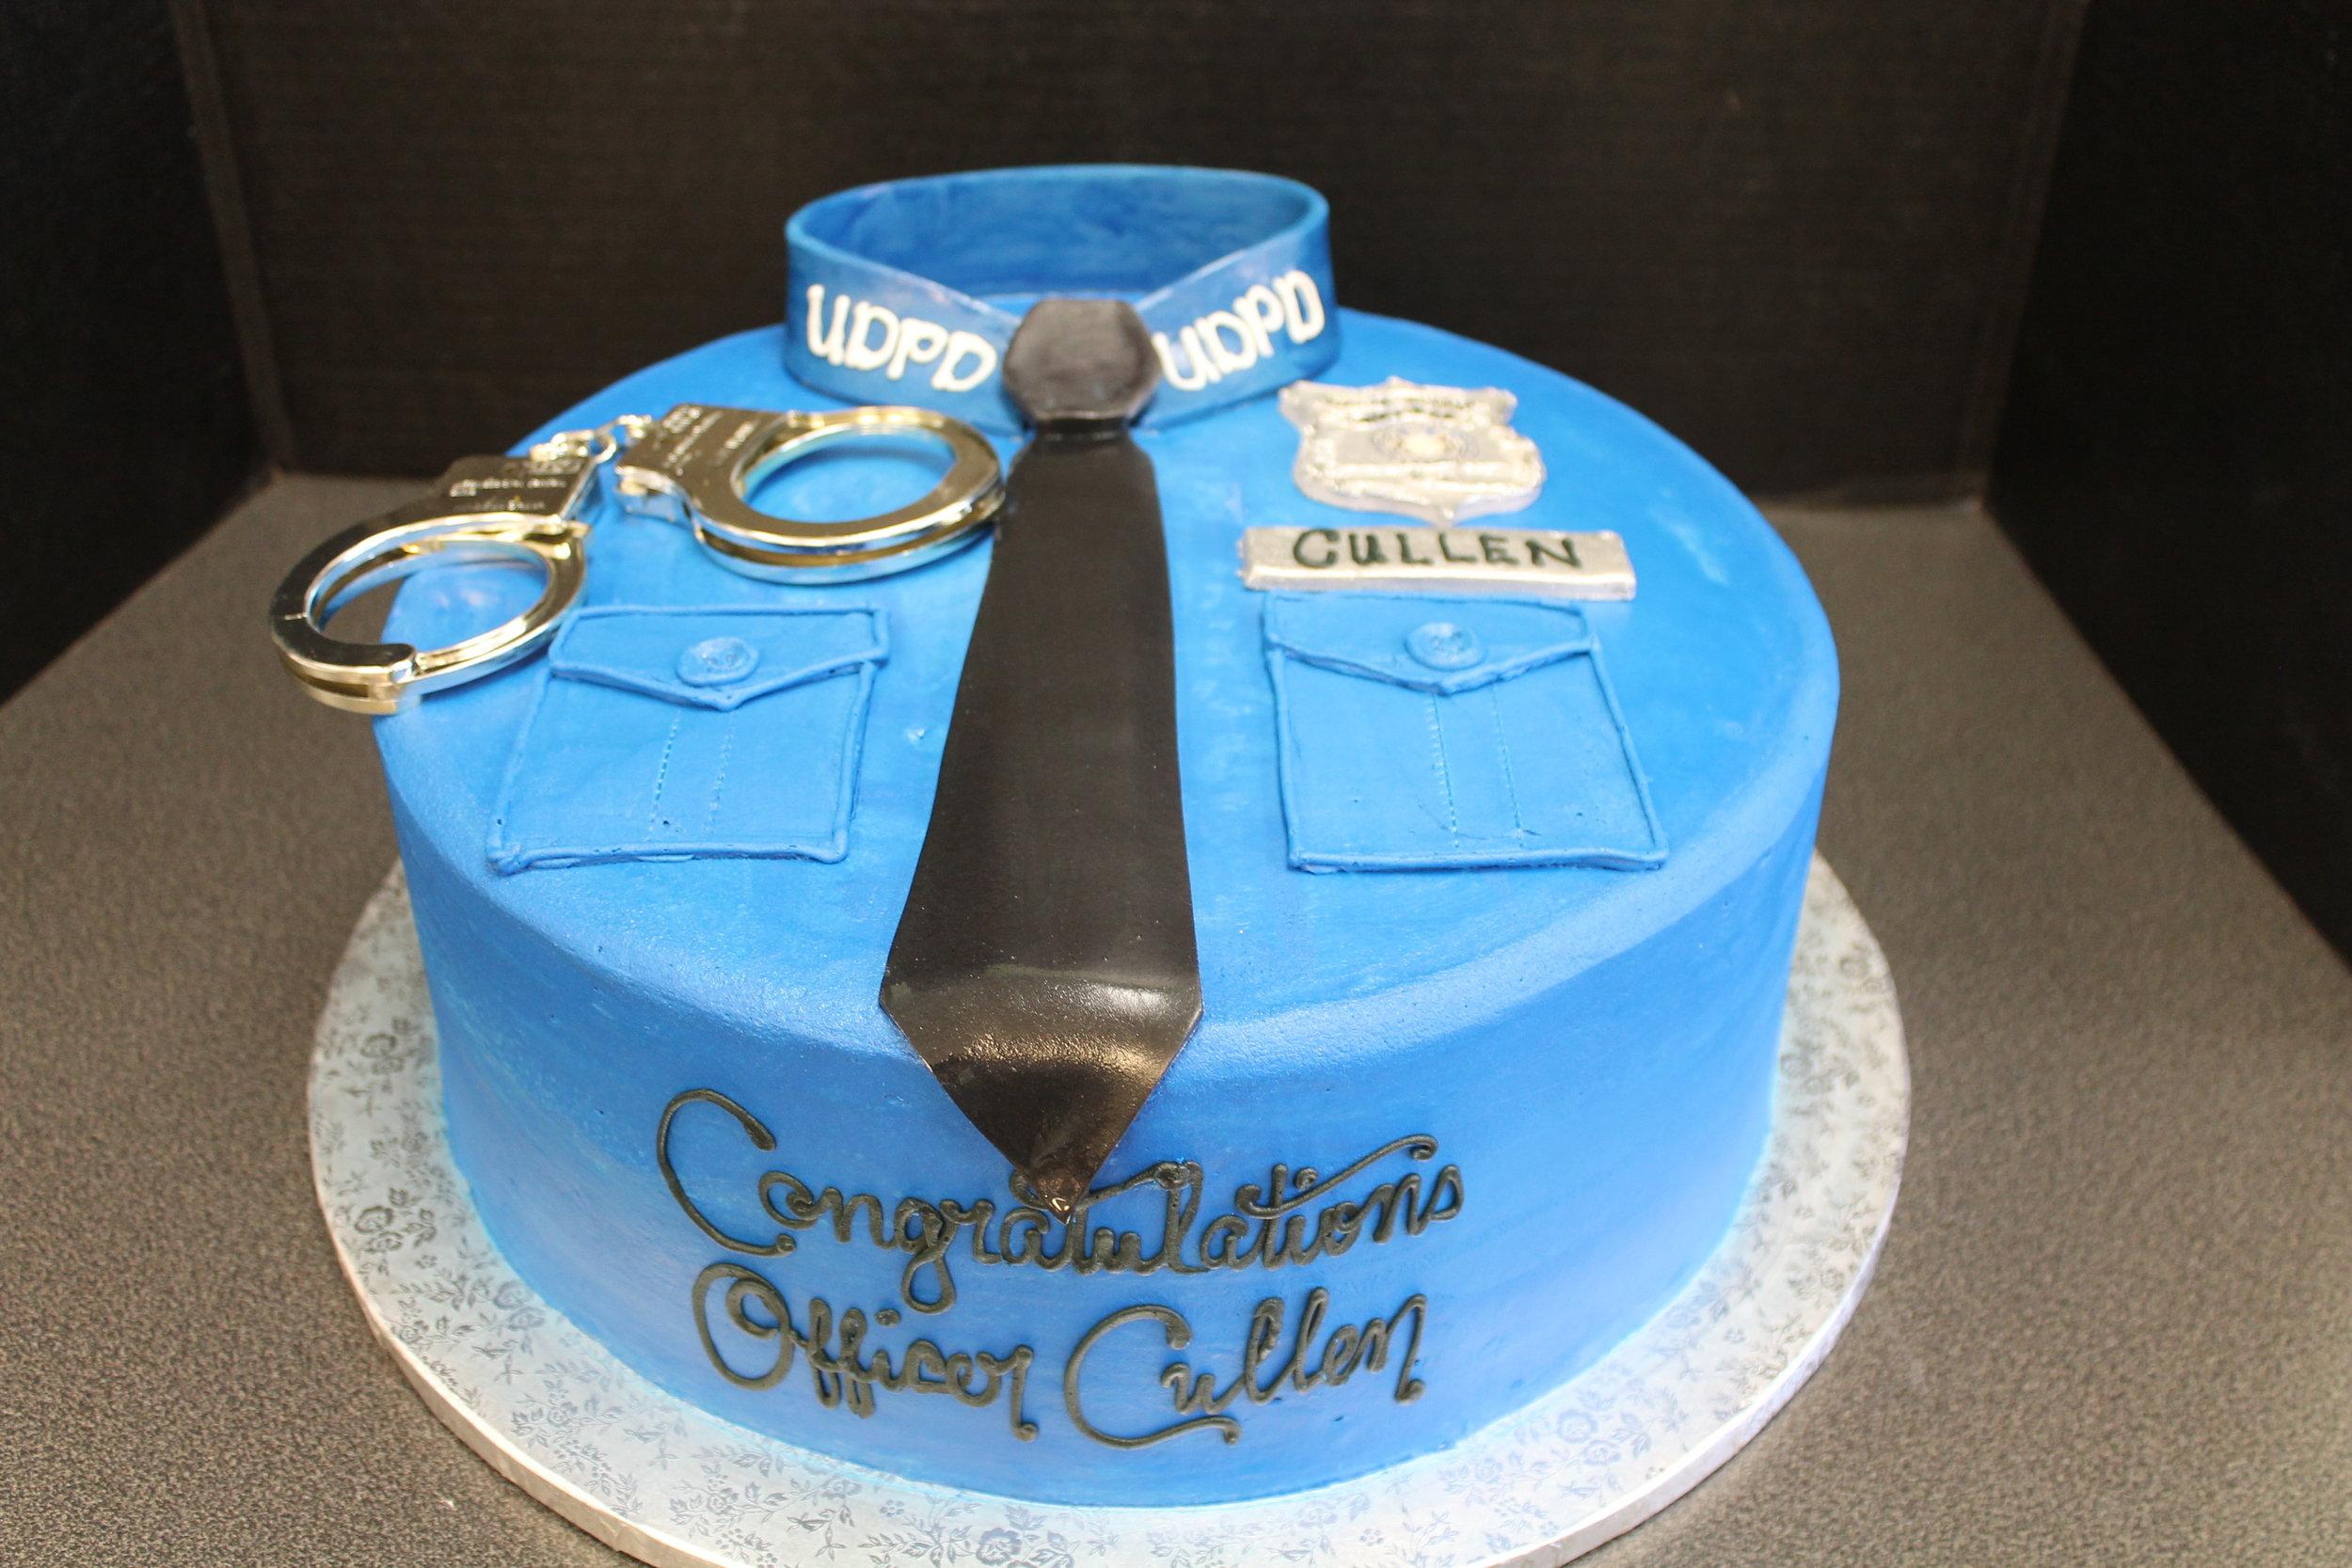 Congratulations Officer Cullen